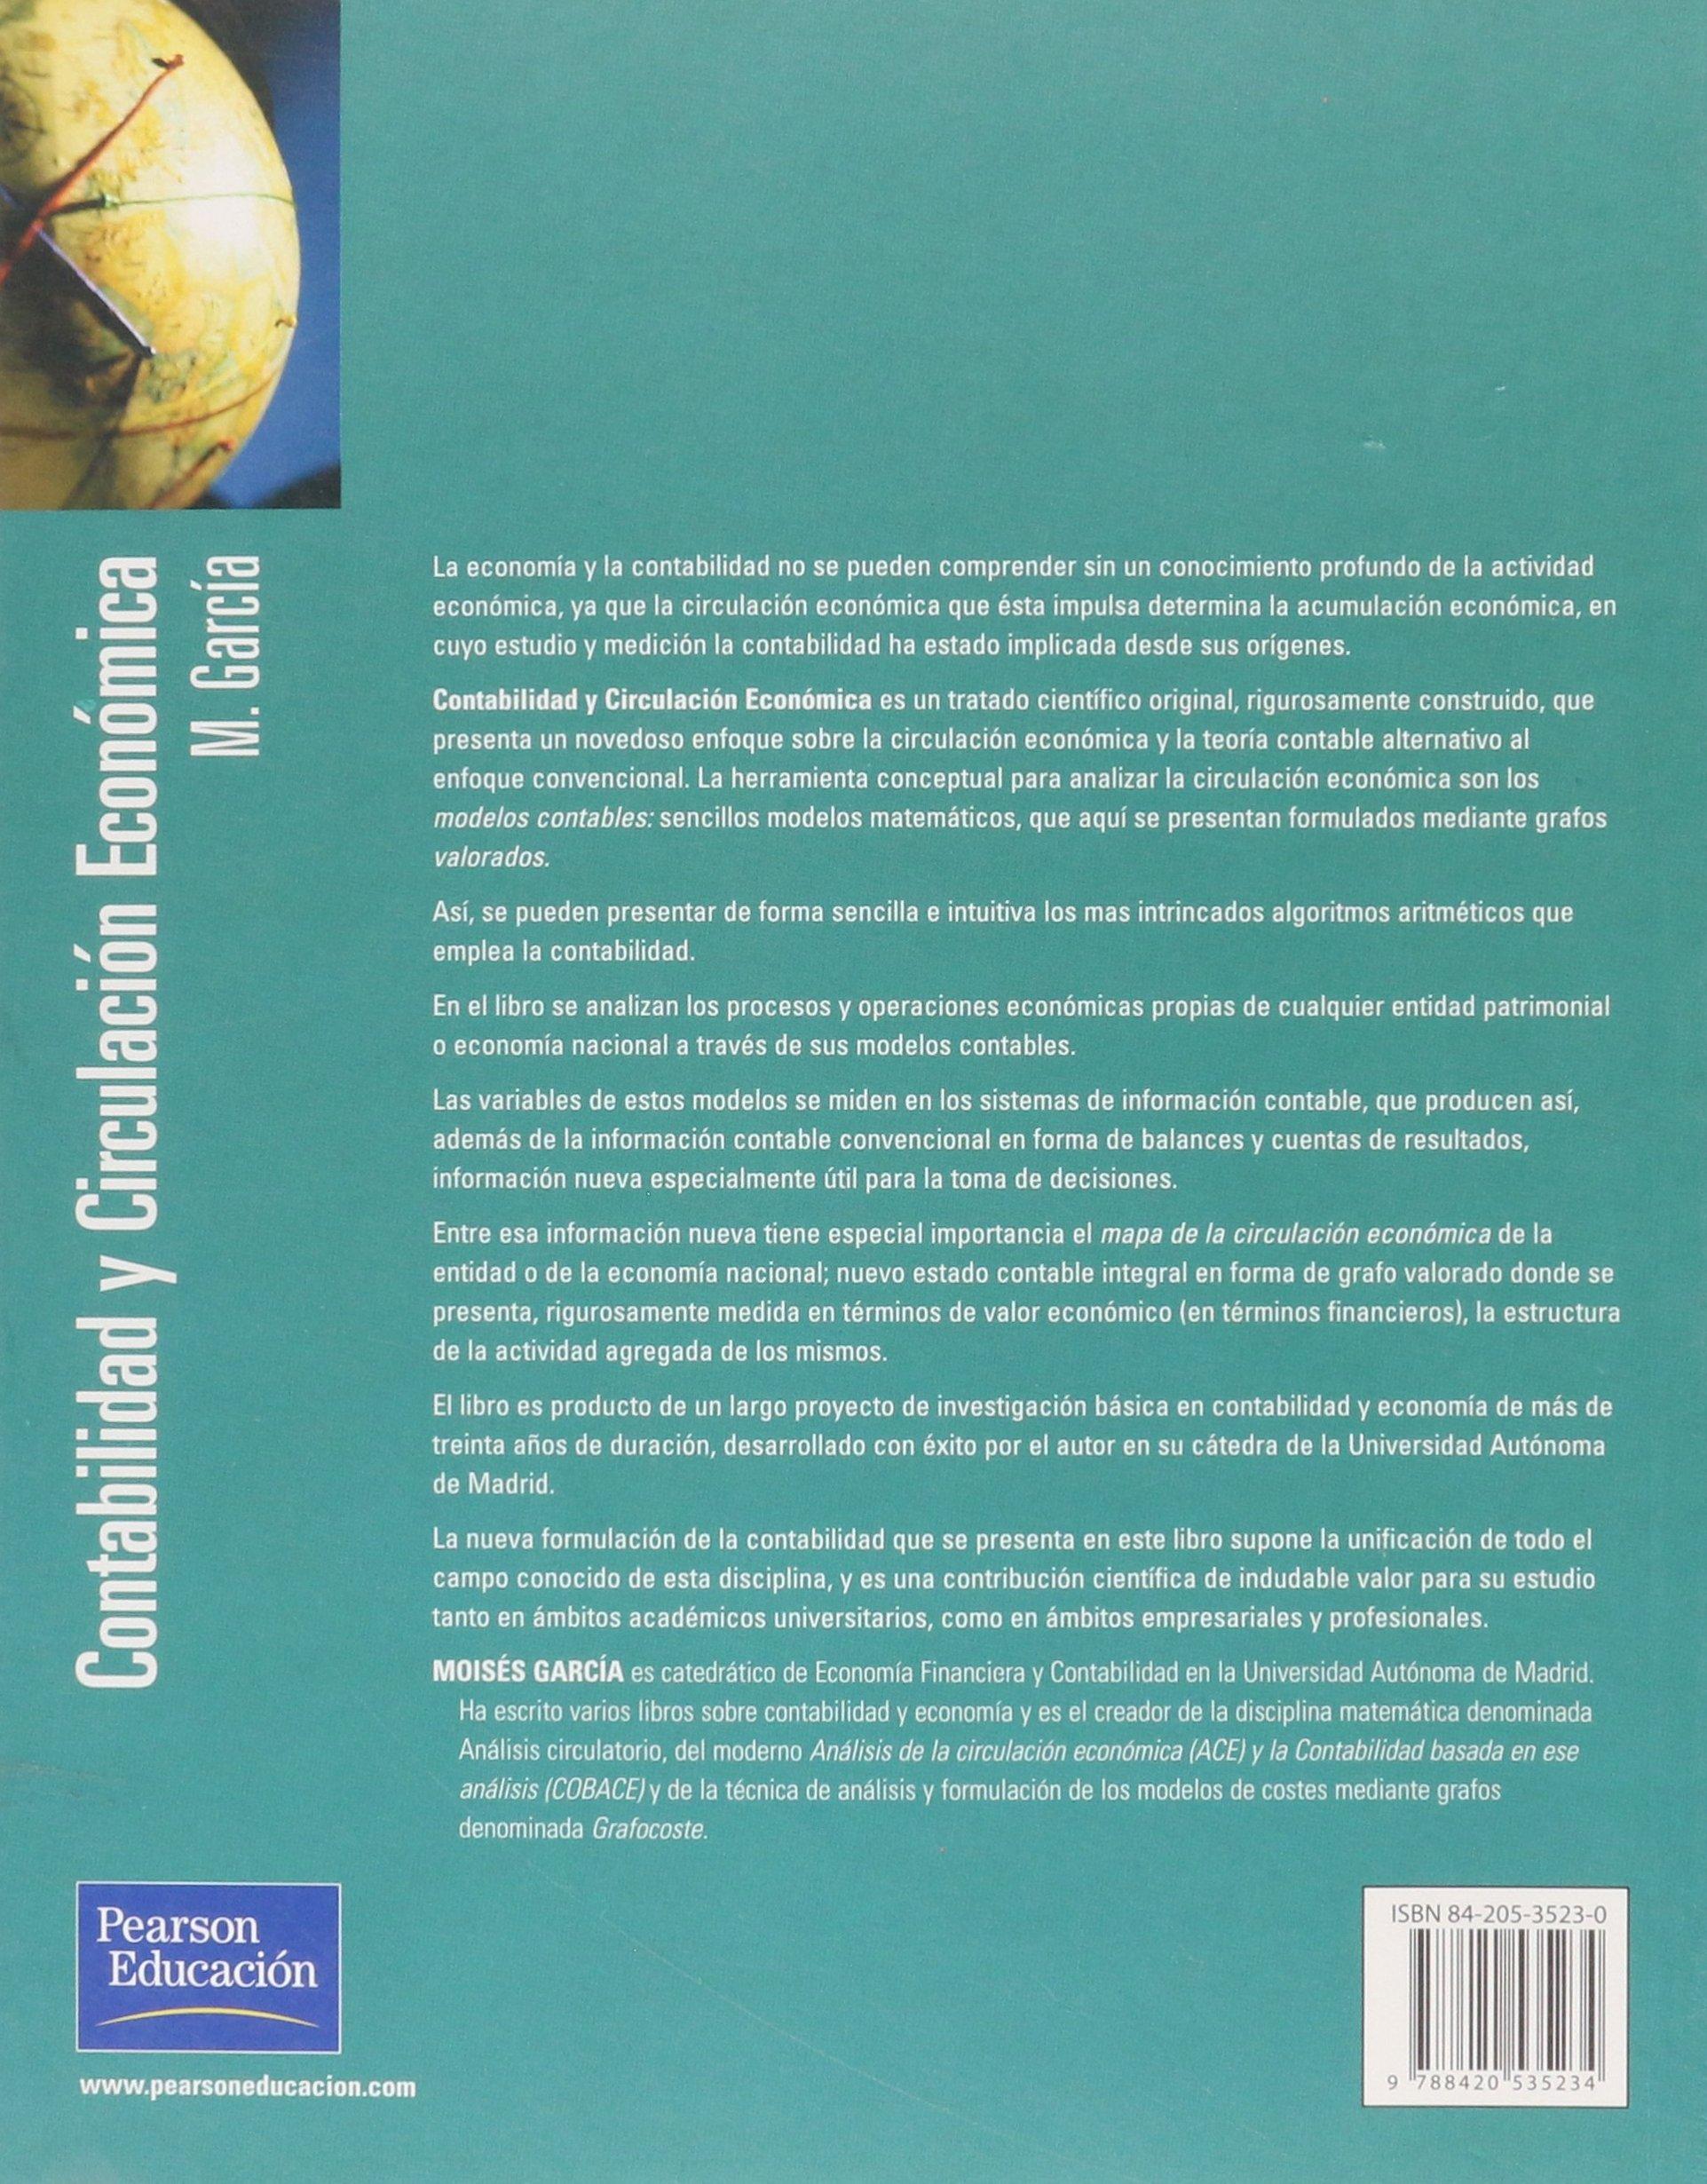 Contabilidad Y Circulacion Economica Ph 9788420535234